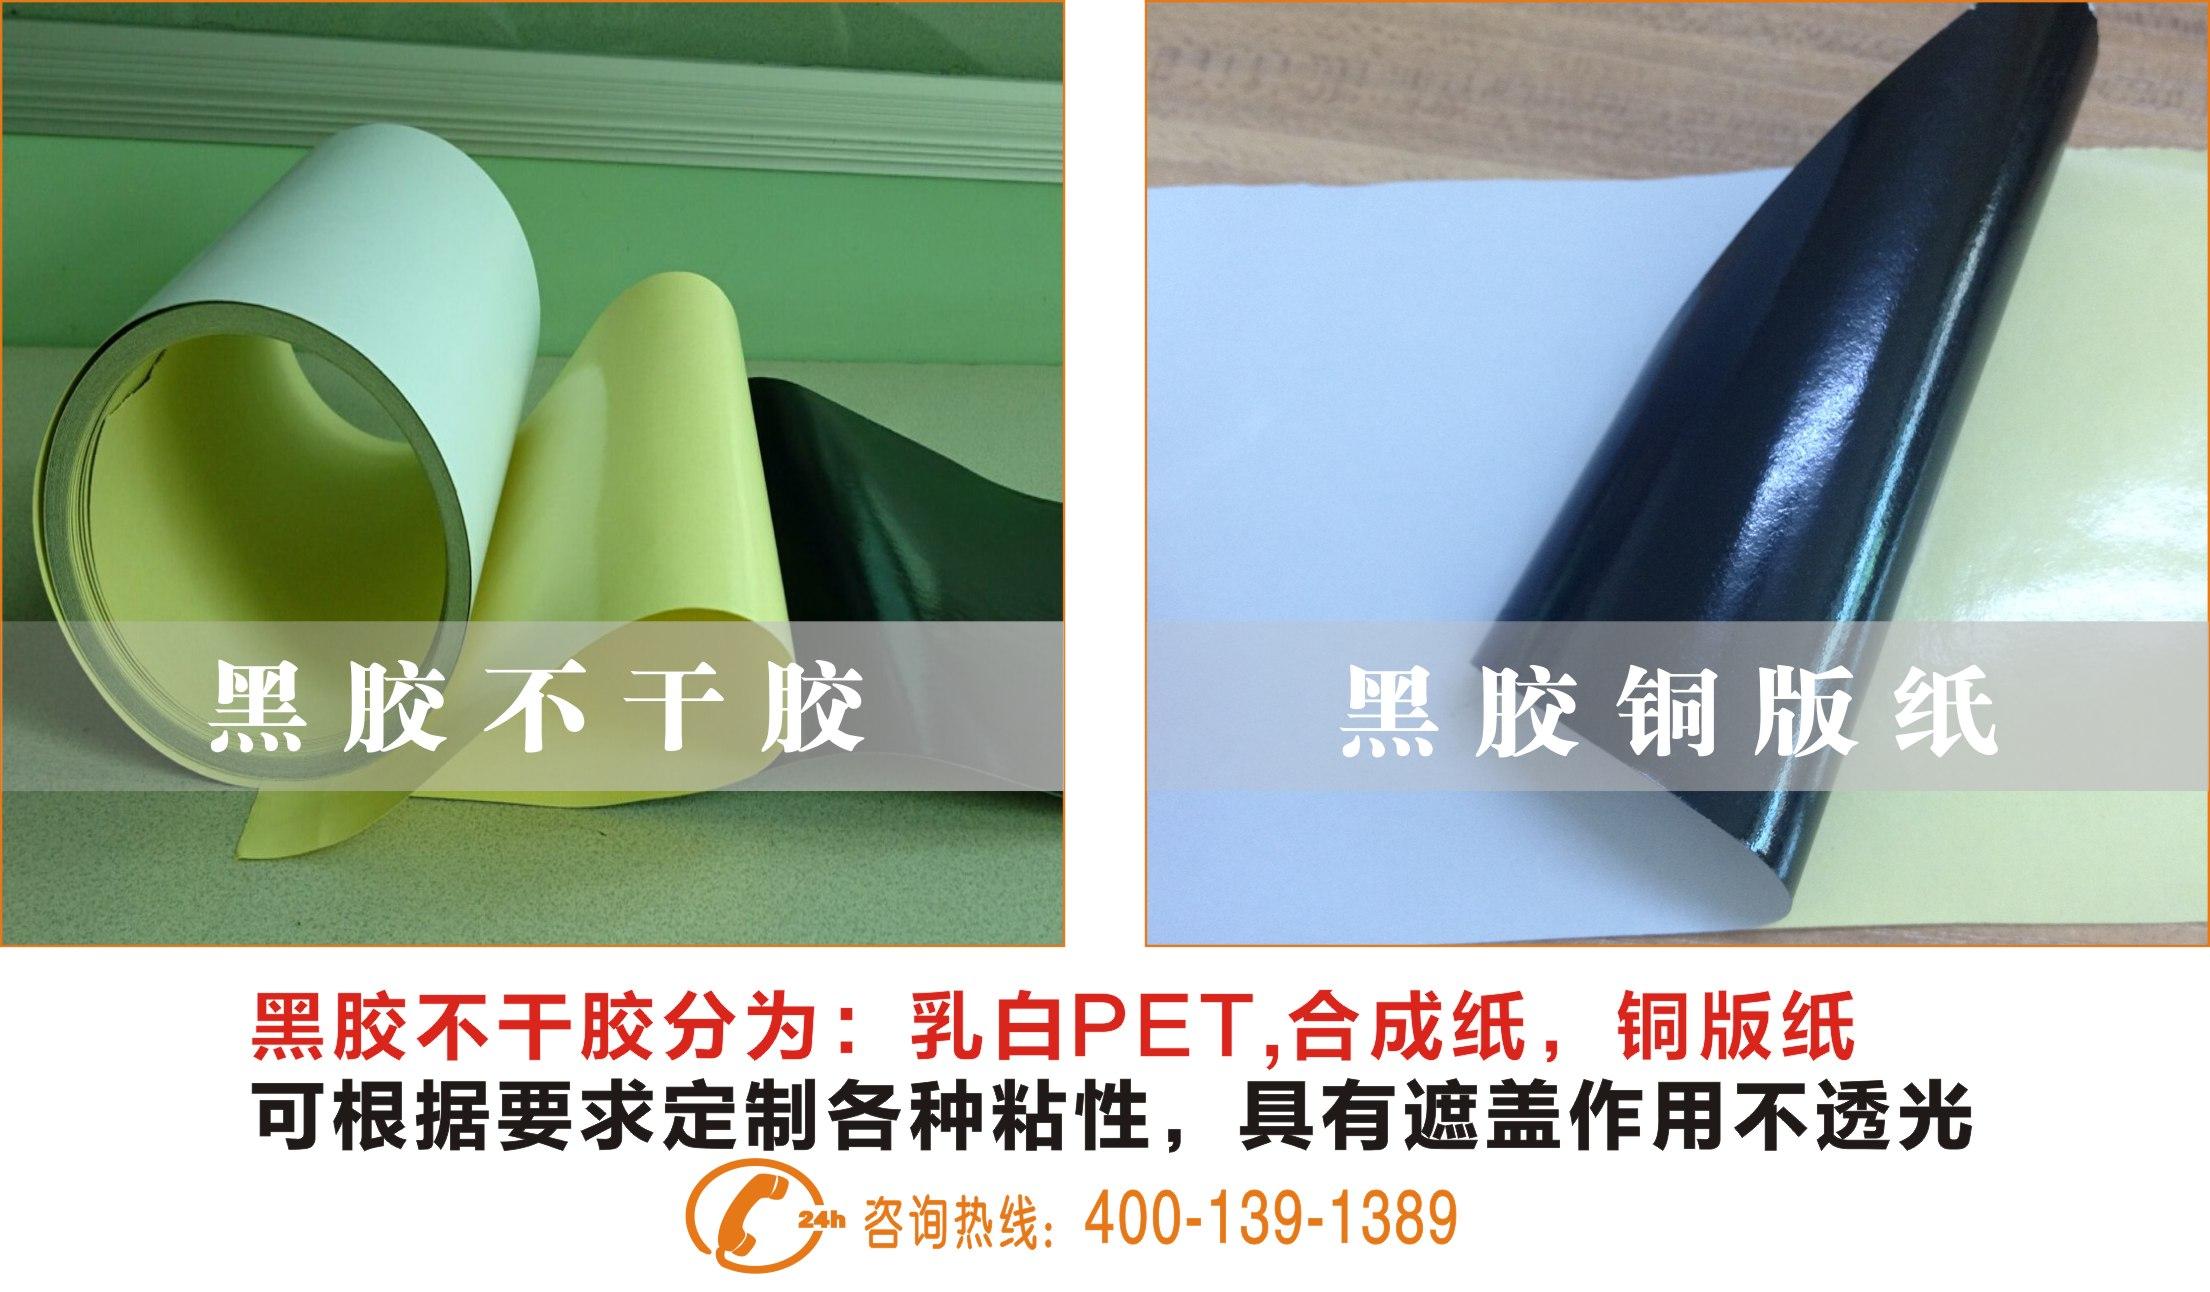 厂家推荐黑胶面不干胶 遮光不干胶 贴纸箱专用黑胶铜版纸不干胶